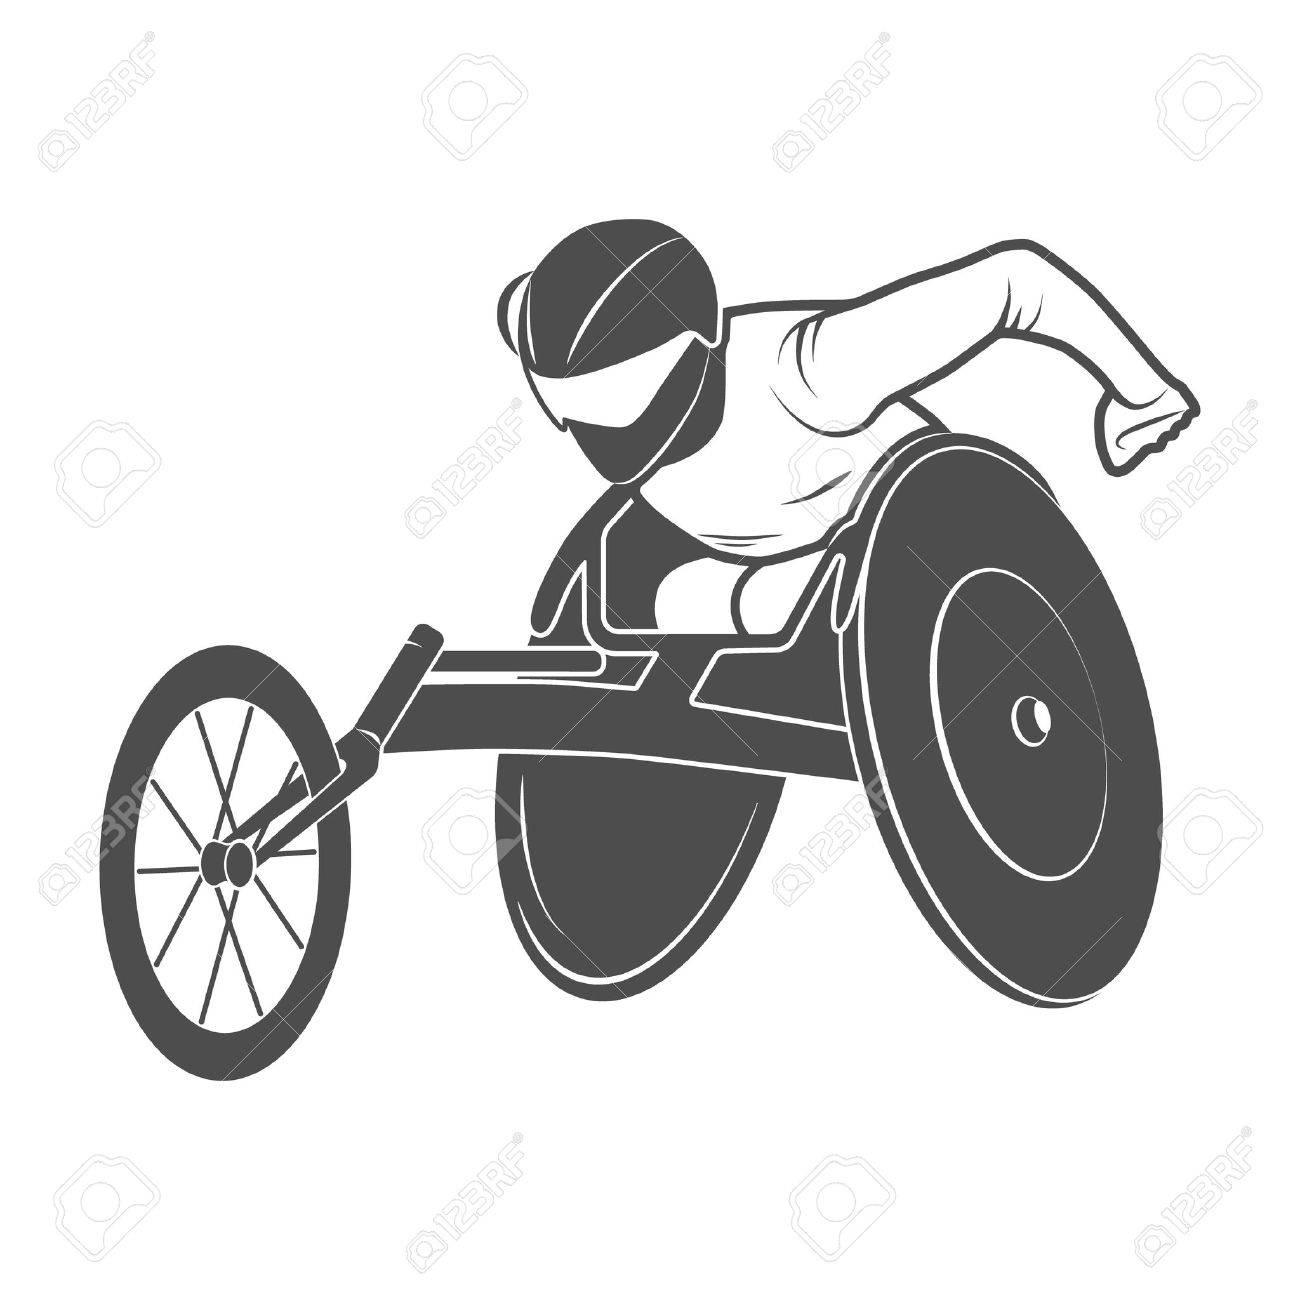 Icono Ruedas Silla Río DeshabilitadoFoto Ilustración La De Paralímpico 5jAR4L